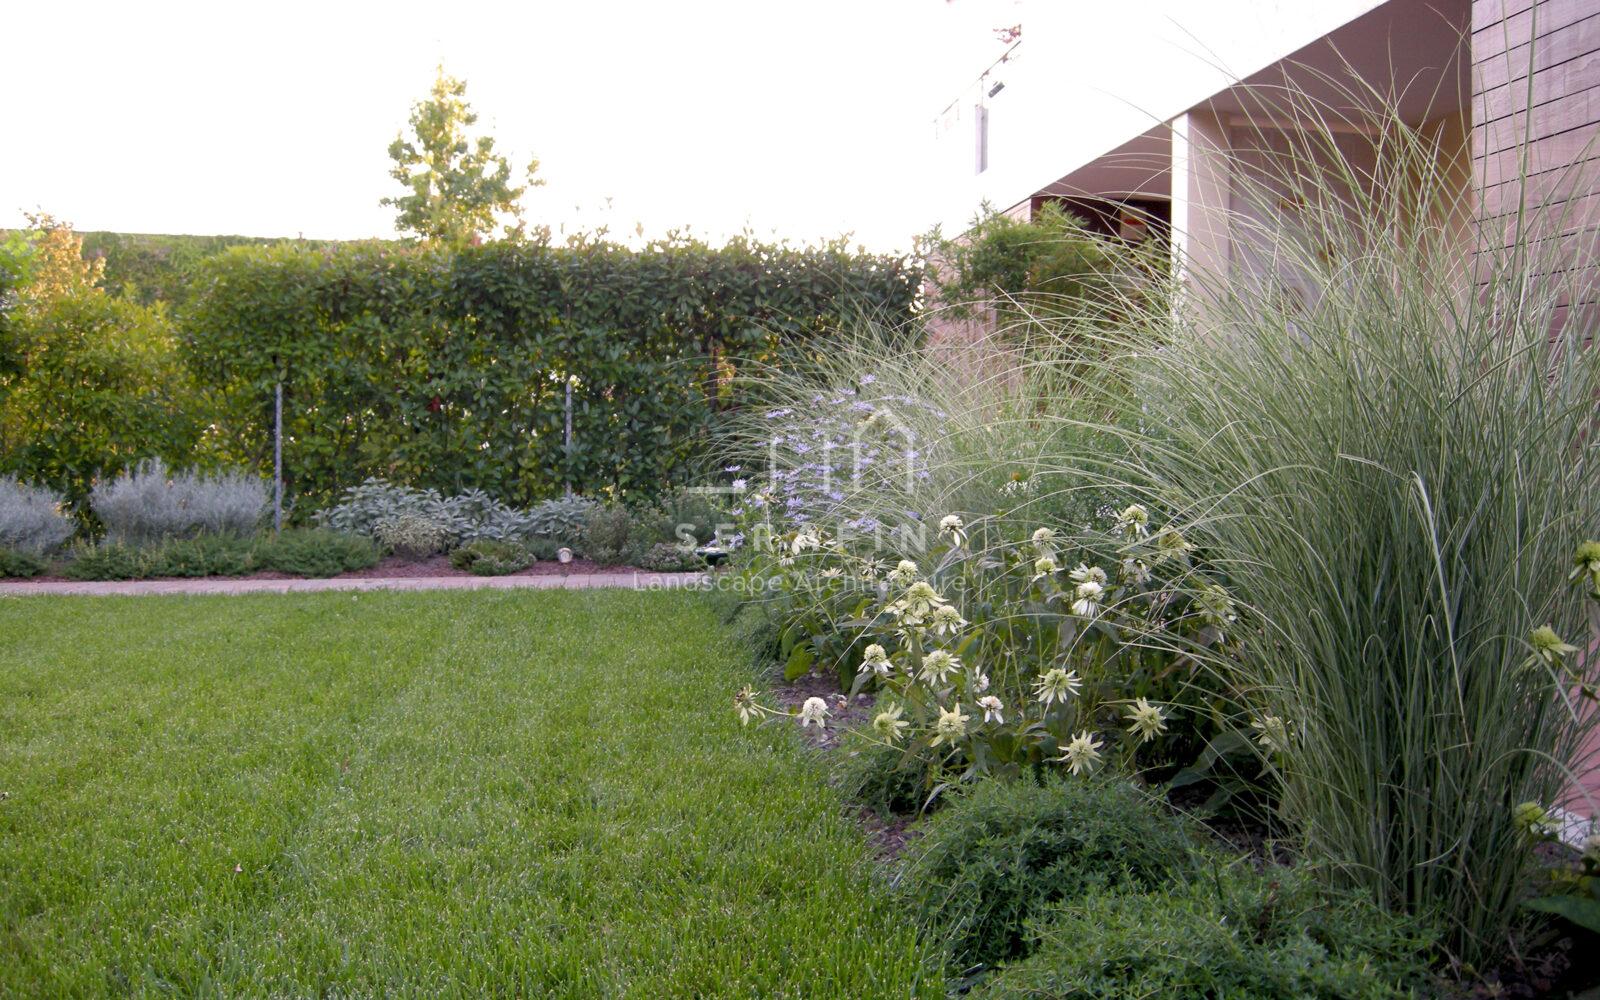 Giardino privato a treviso simone serafin outside designer - Progetto giardino privato ...